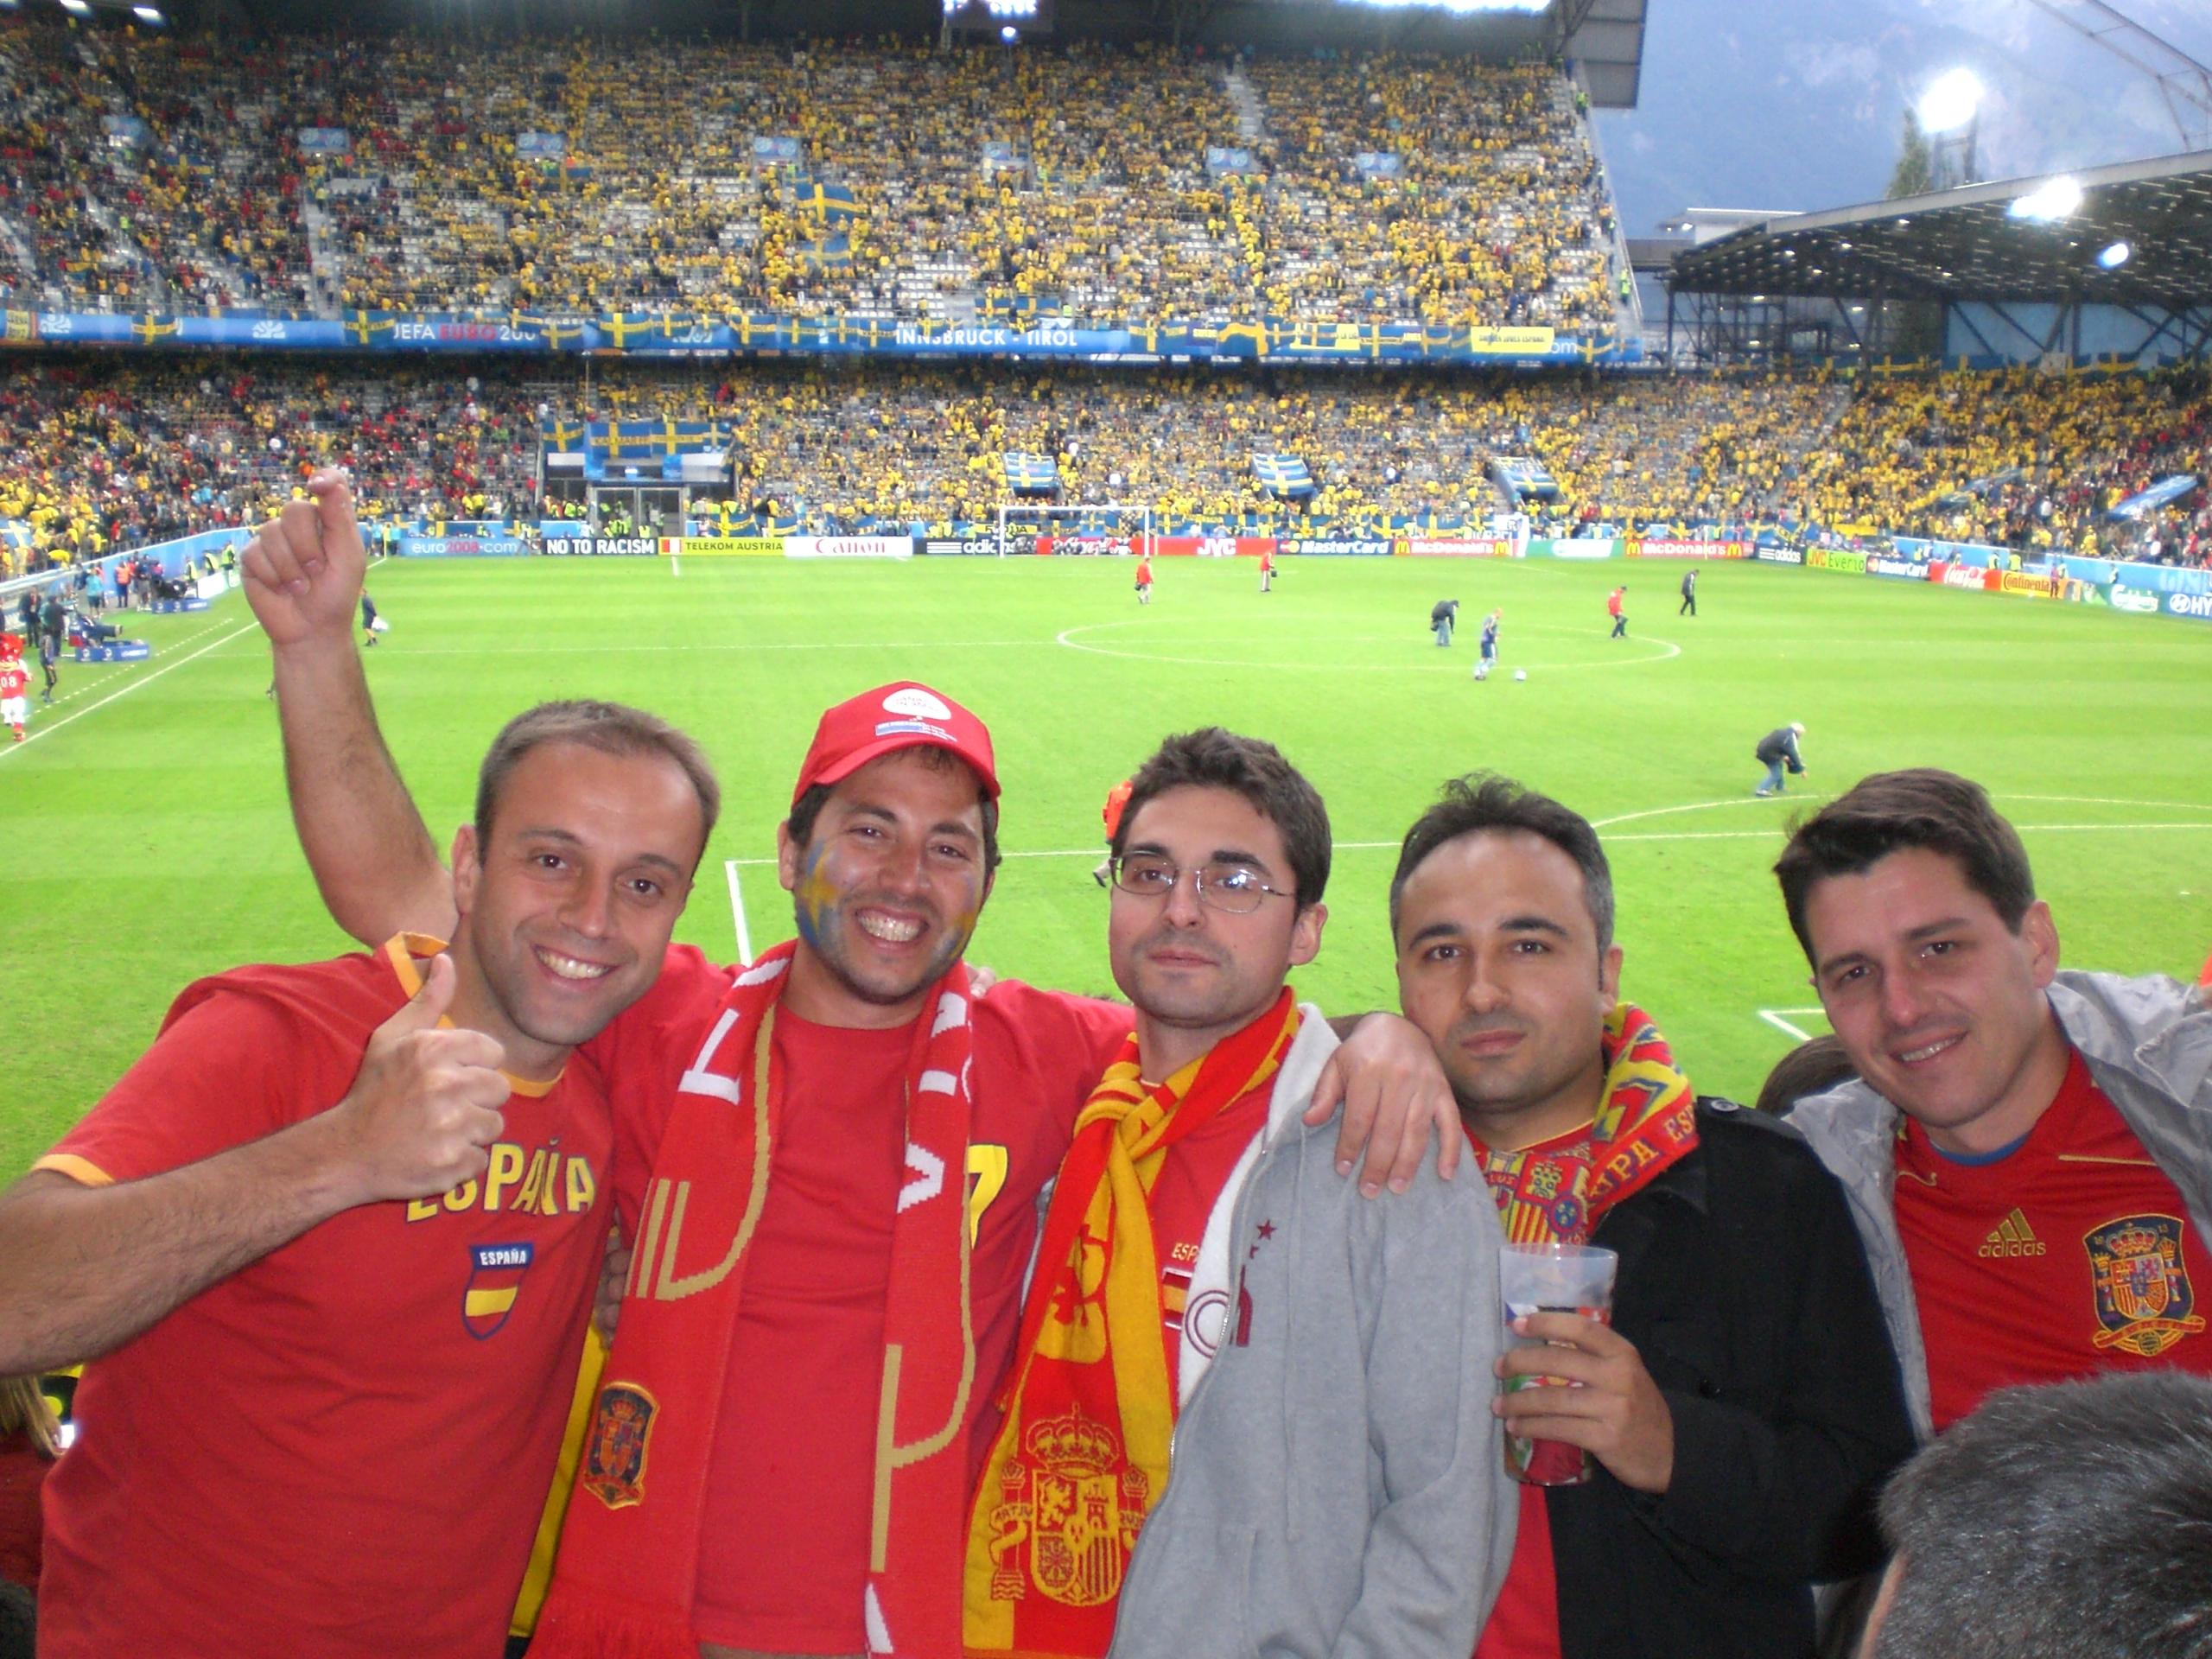 El partido entre España y Suecia en la Eurocopa 2008 es uno de los más apoteósicos que recuerda Gerardo.